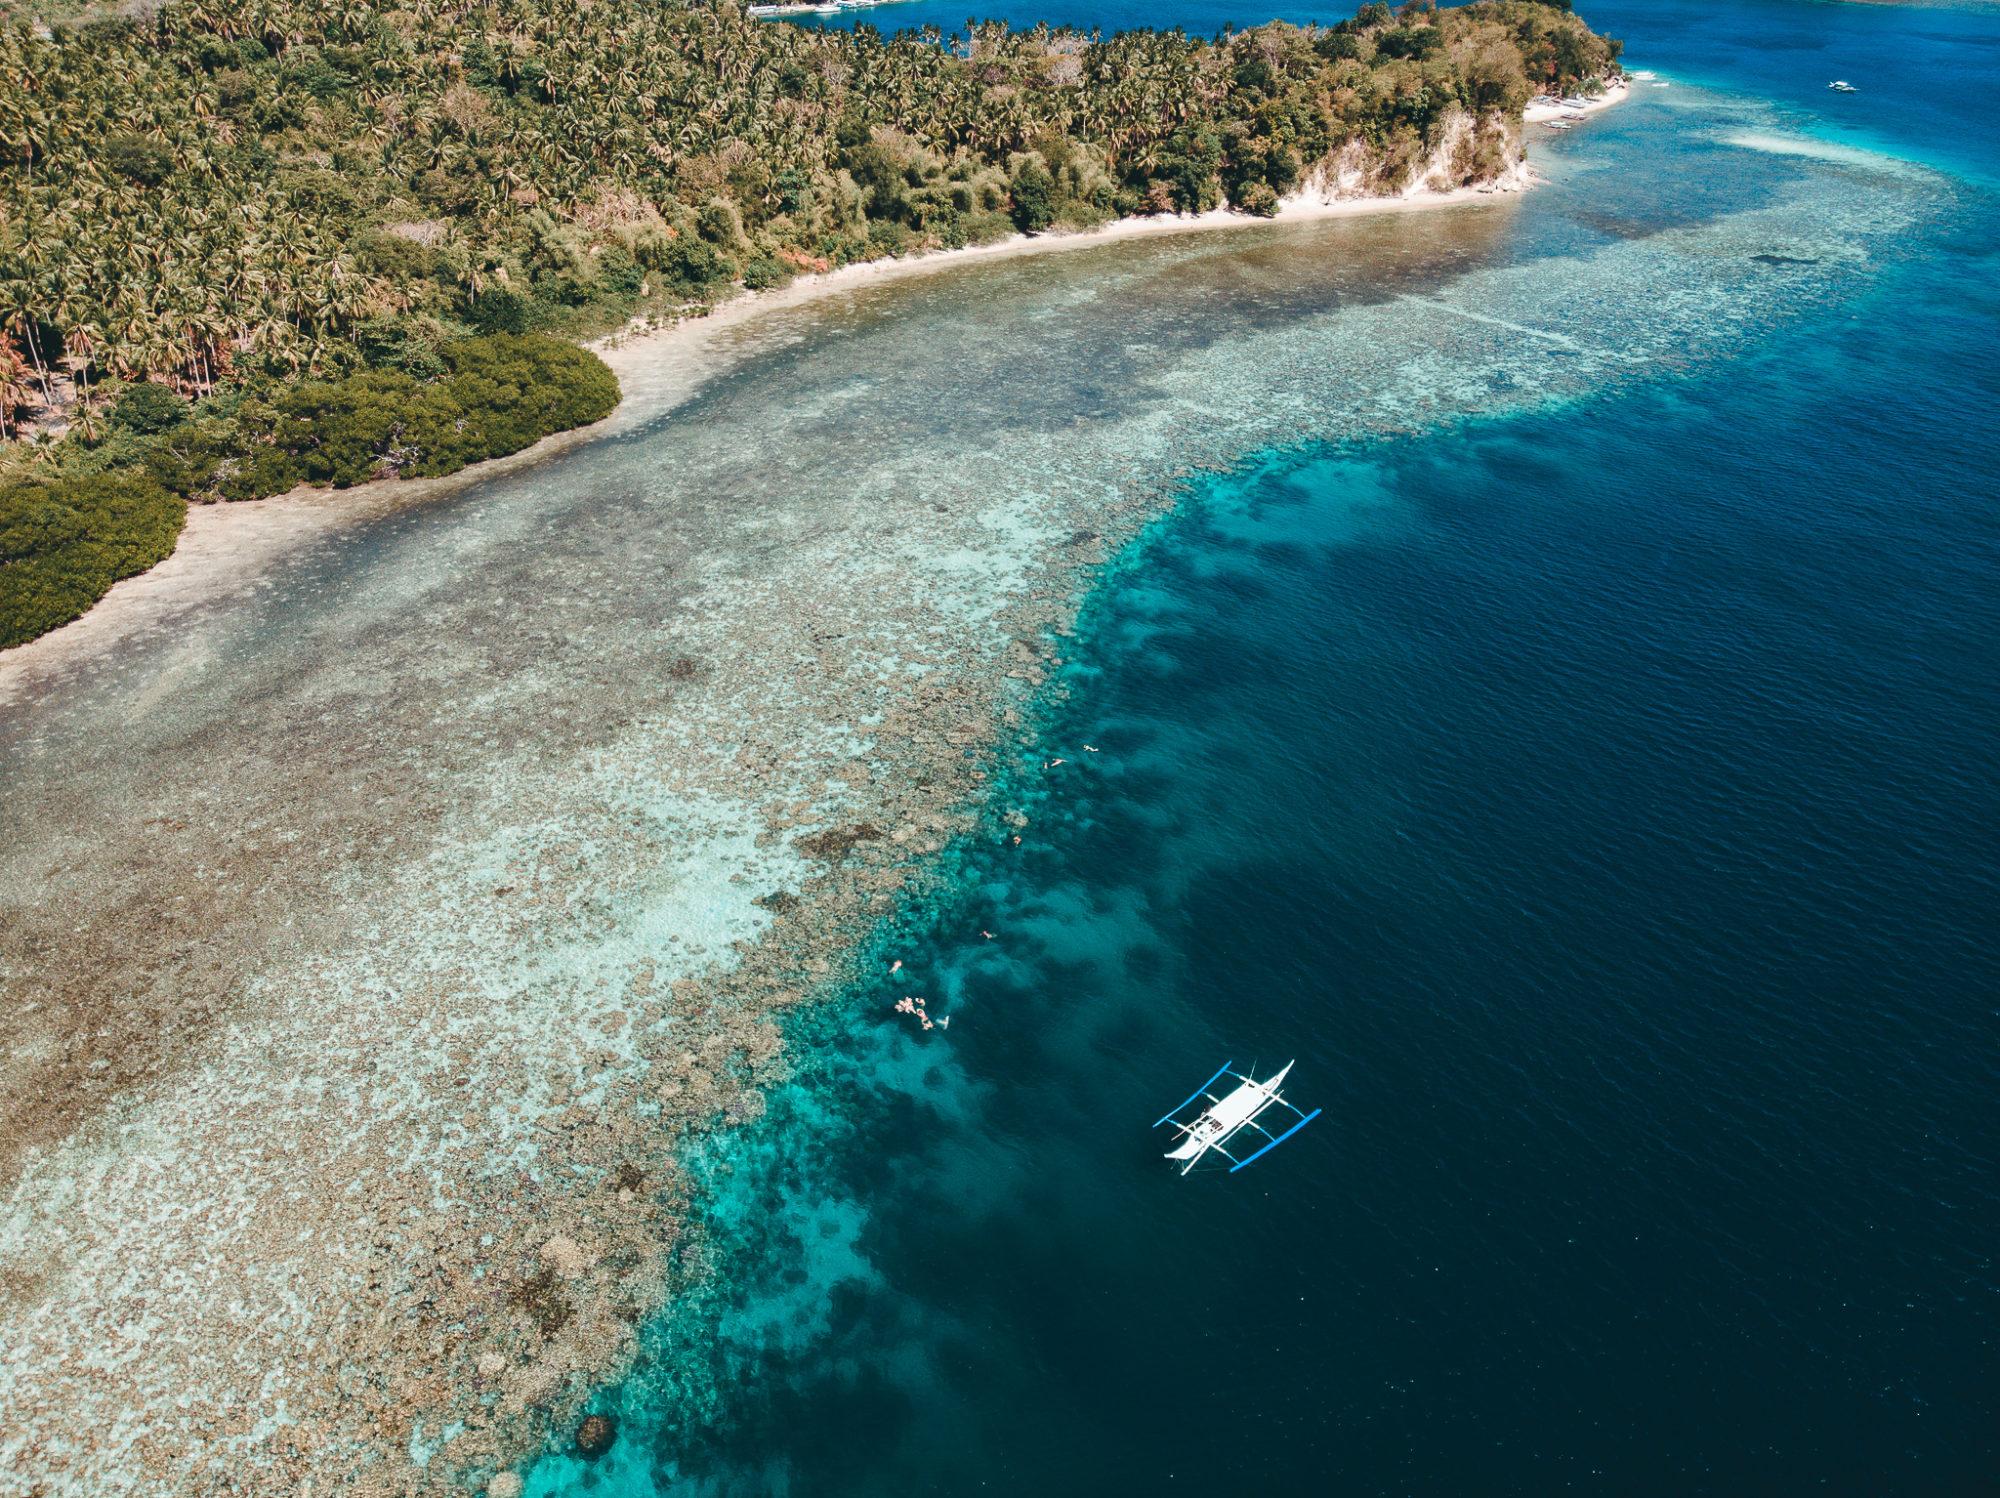 En dejlig tur på havet hvor vi griller på stranden og får det bedste ud af dagen i sabang og puerto galera